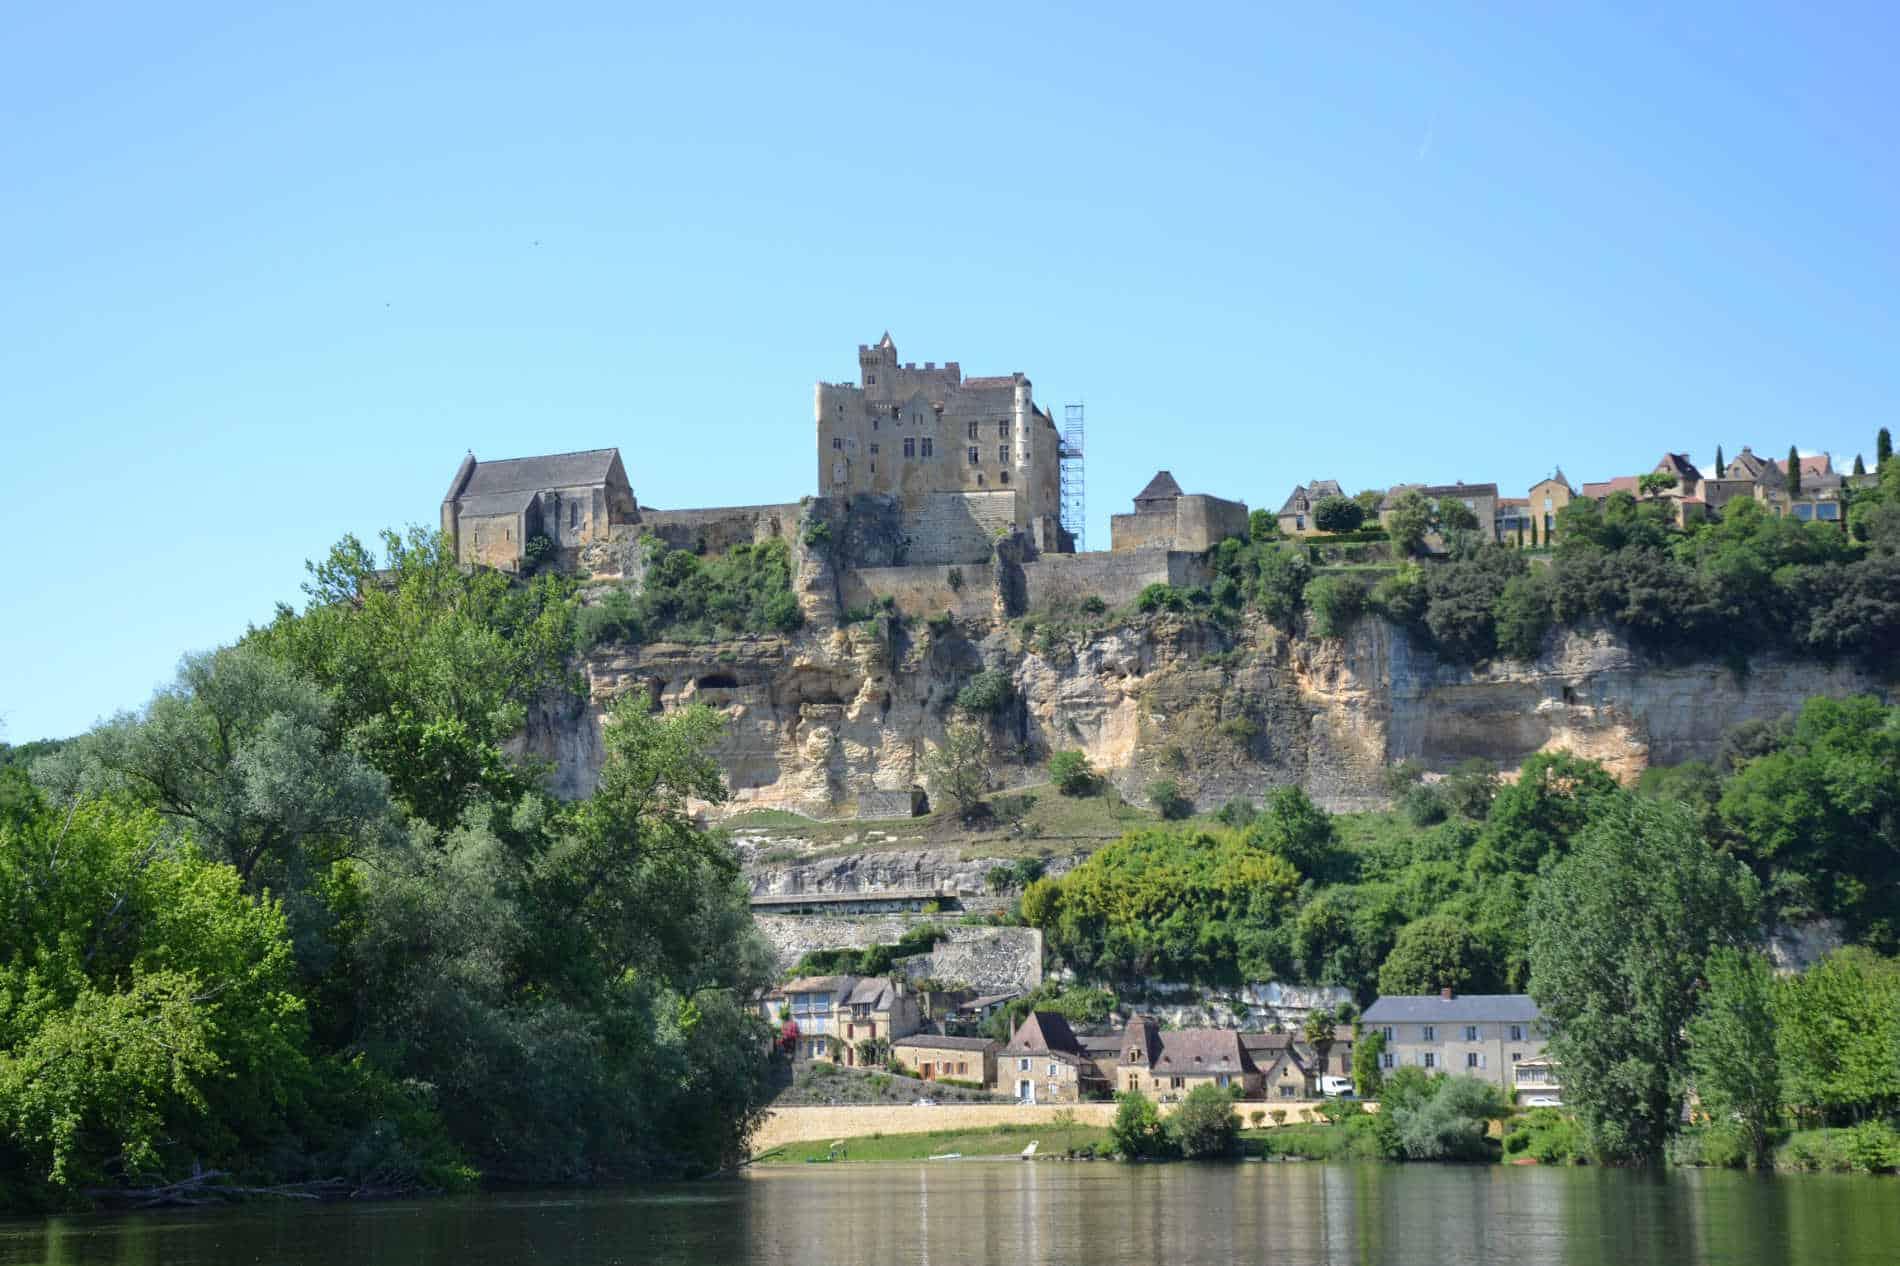 chambres d'hôtes Dordogne avec piscine proche castelnaud